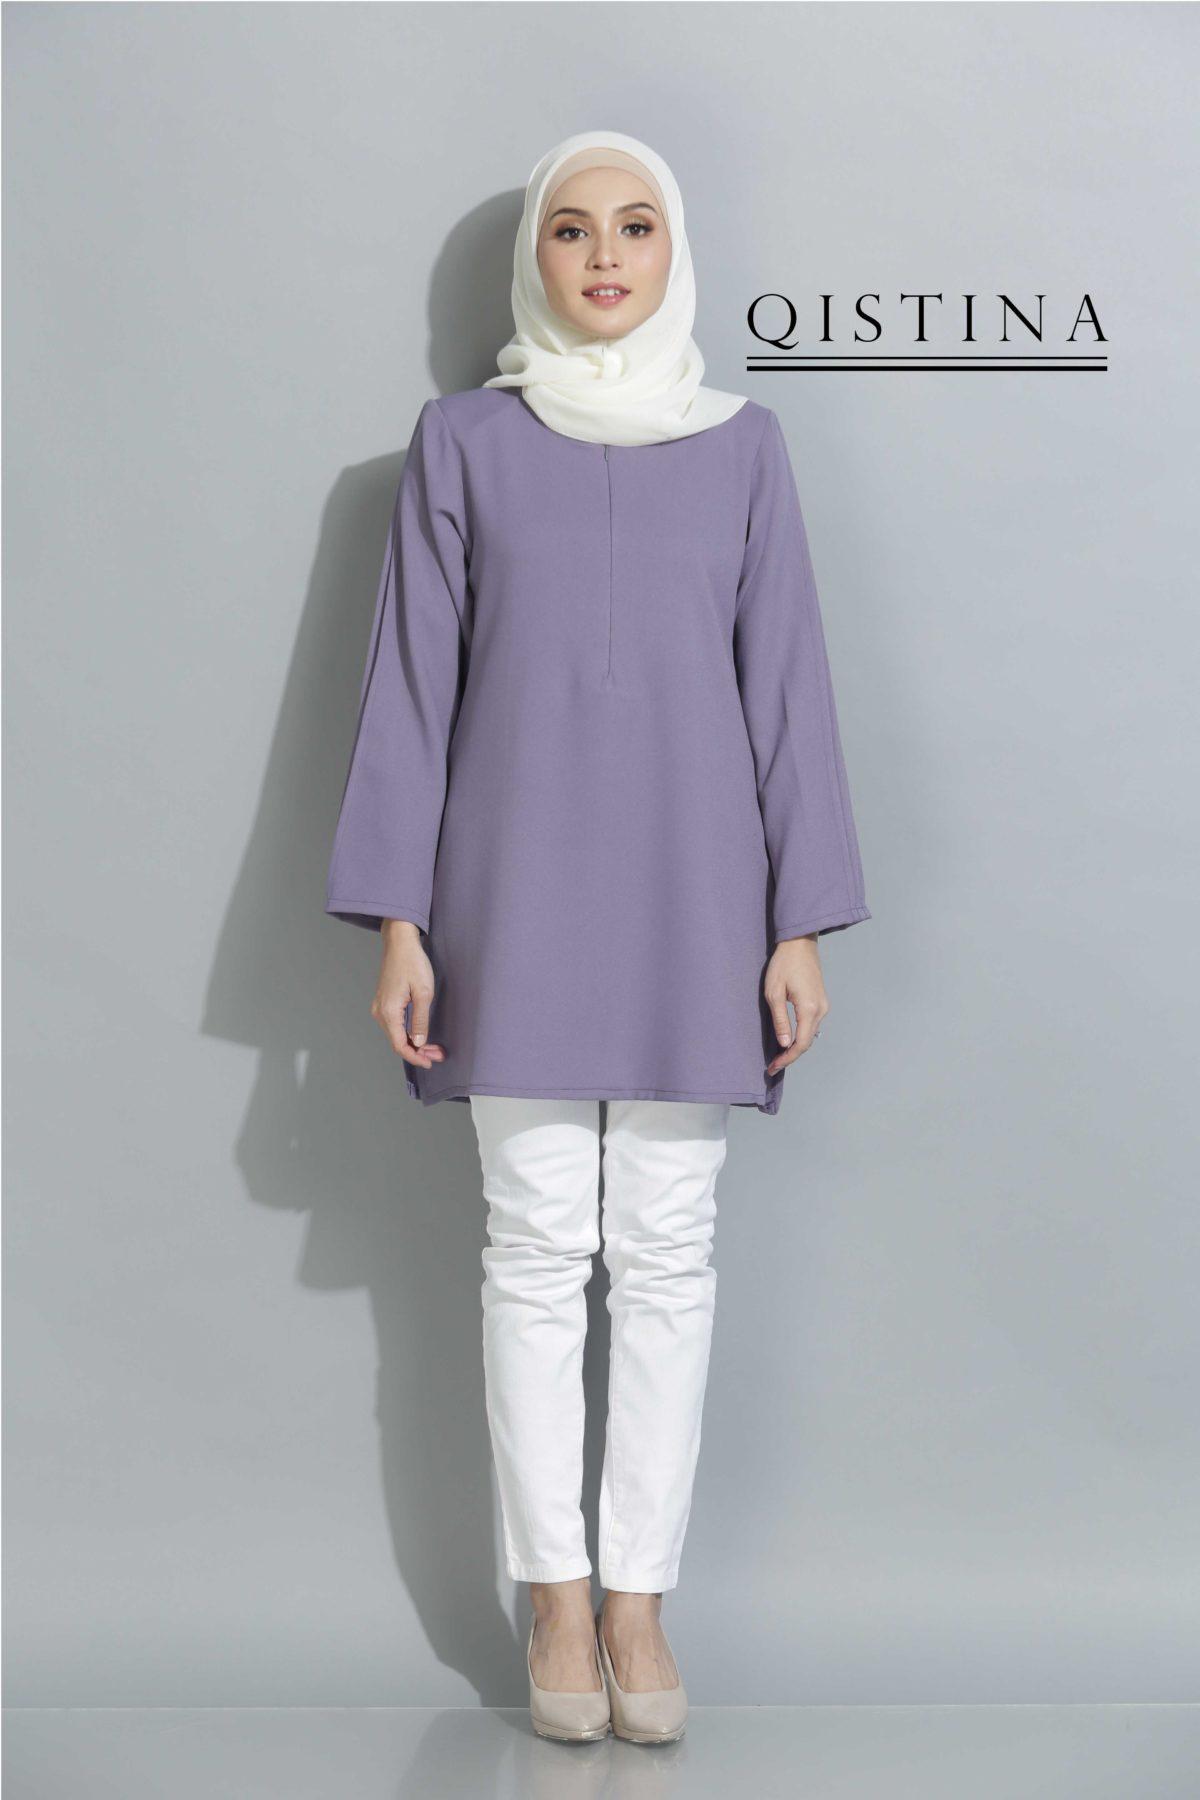 Qistina Indigo